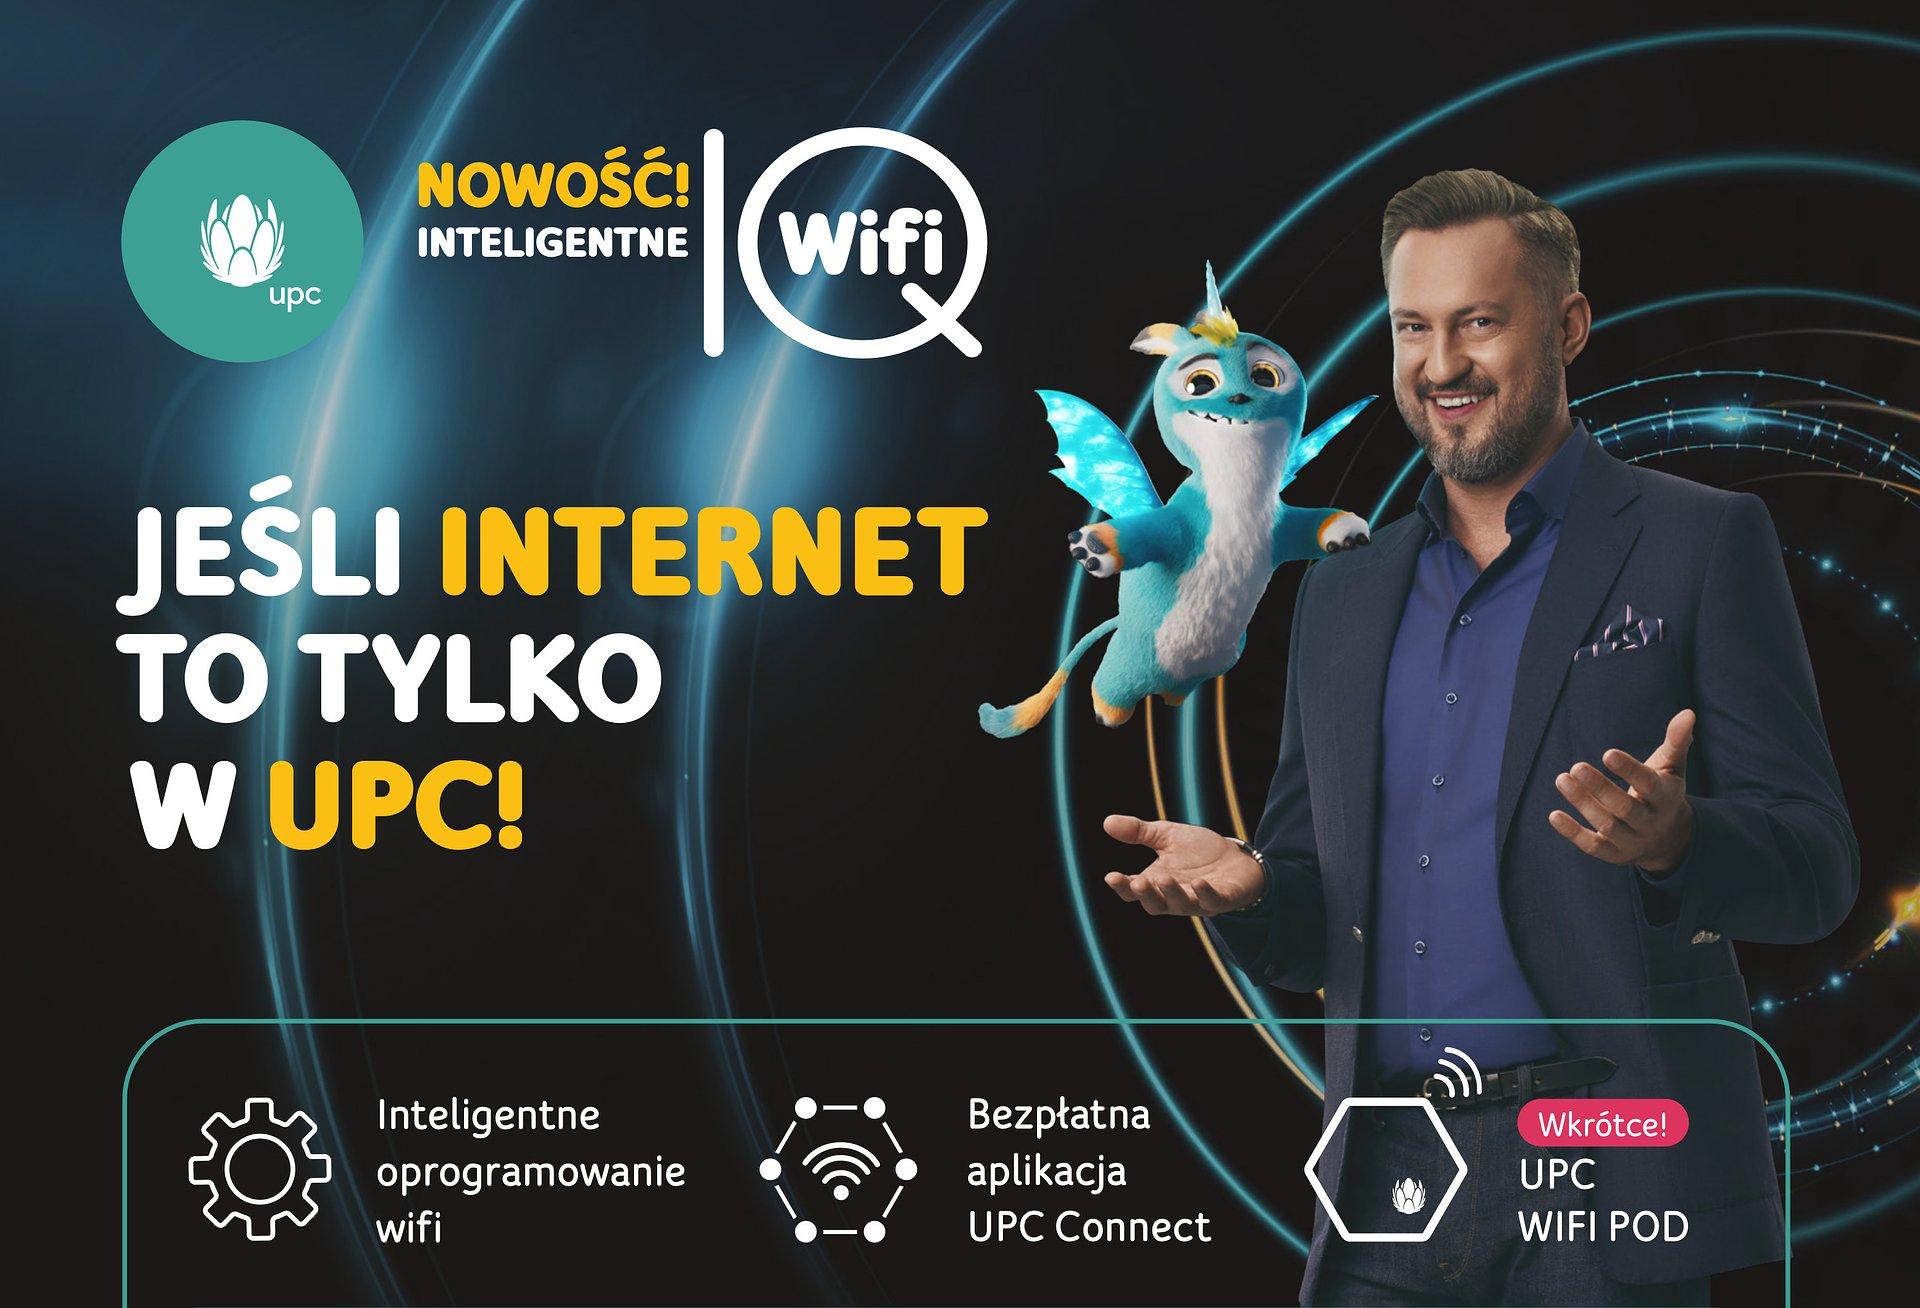 """UPC Polska, najszybszy i najczęściej rekomendowany operator ogólnopolski, wprowadza na rynek przełomową innowację """"Inteligentne WiFi"""", bez opłat dla ponad 850.000 klientów oraz serwis Viaplay w nowych pakietach"""